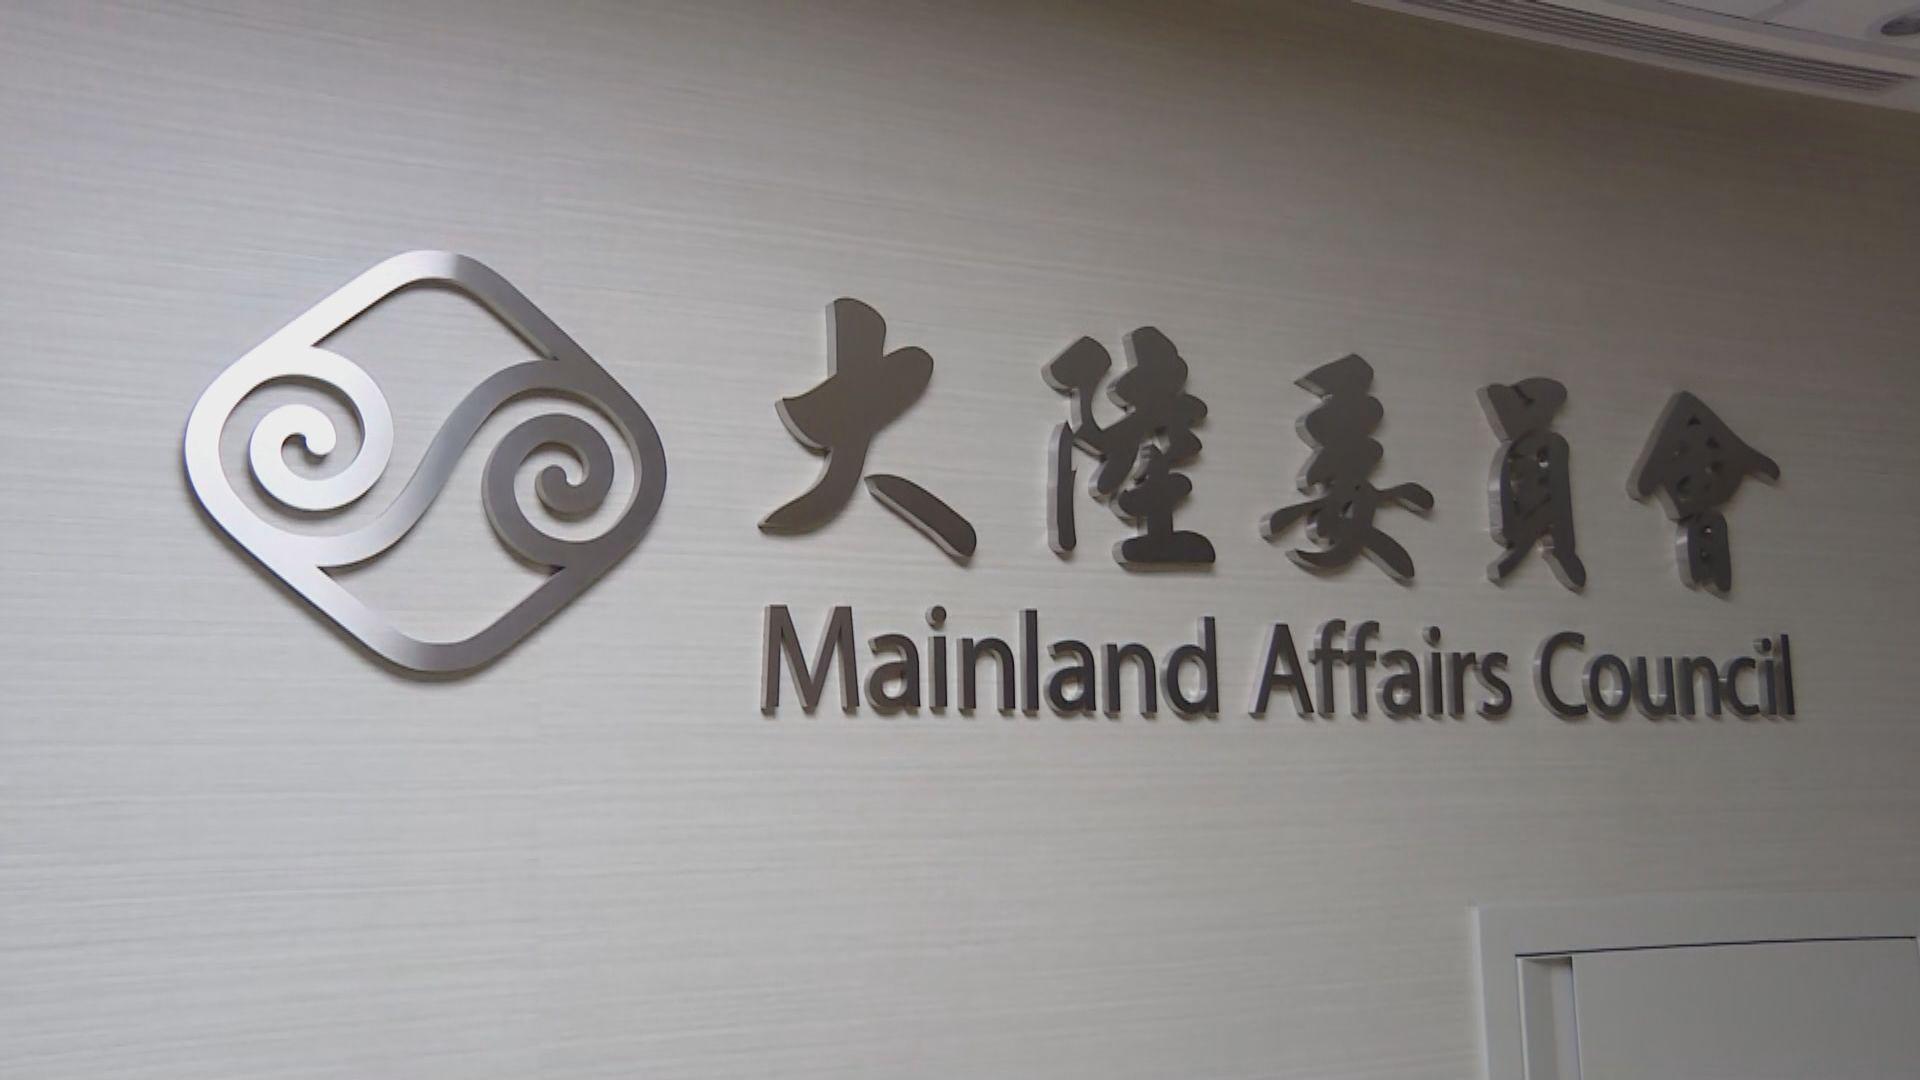 陸委會:港區國安法將香港變成「東方煉獄」